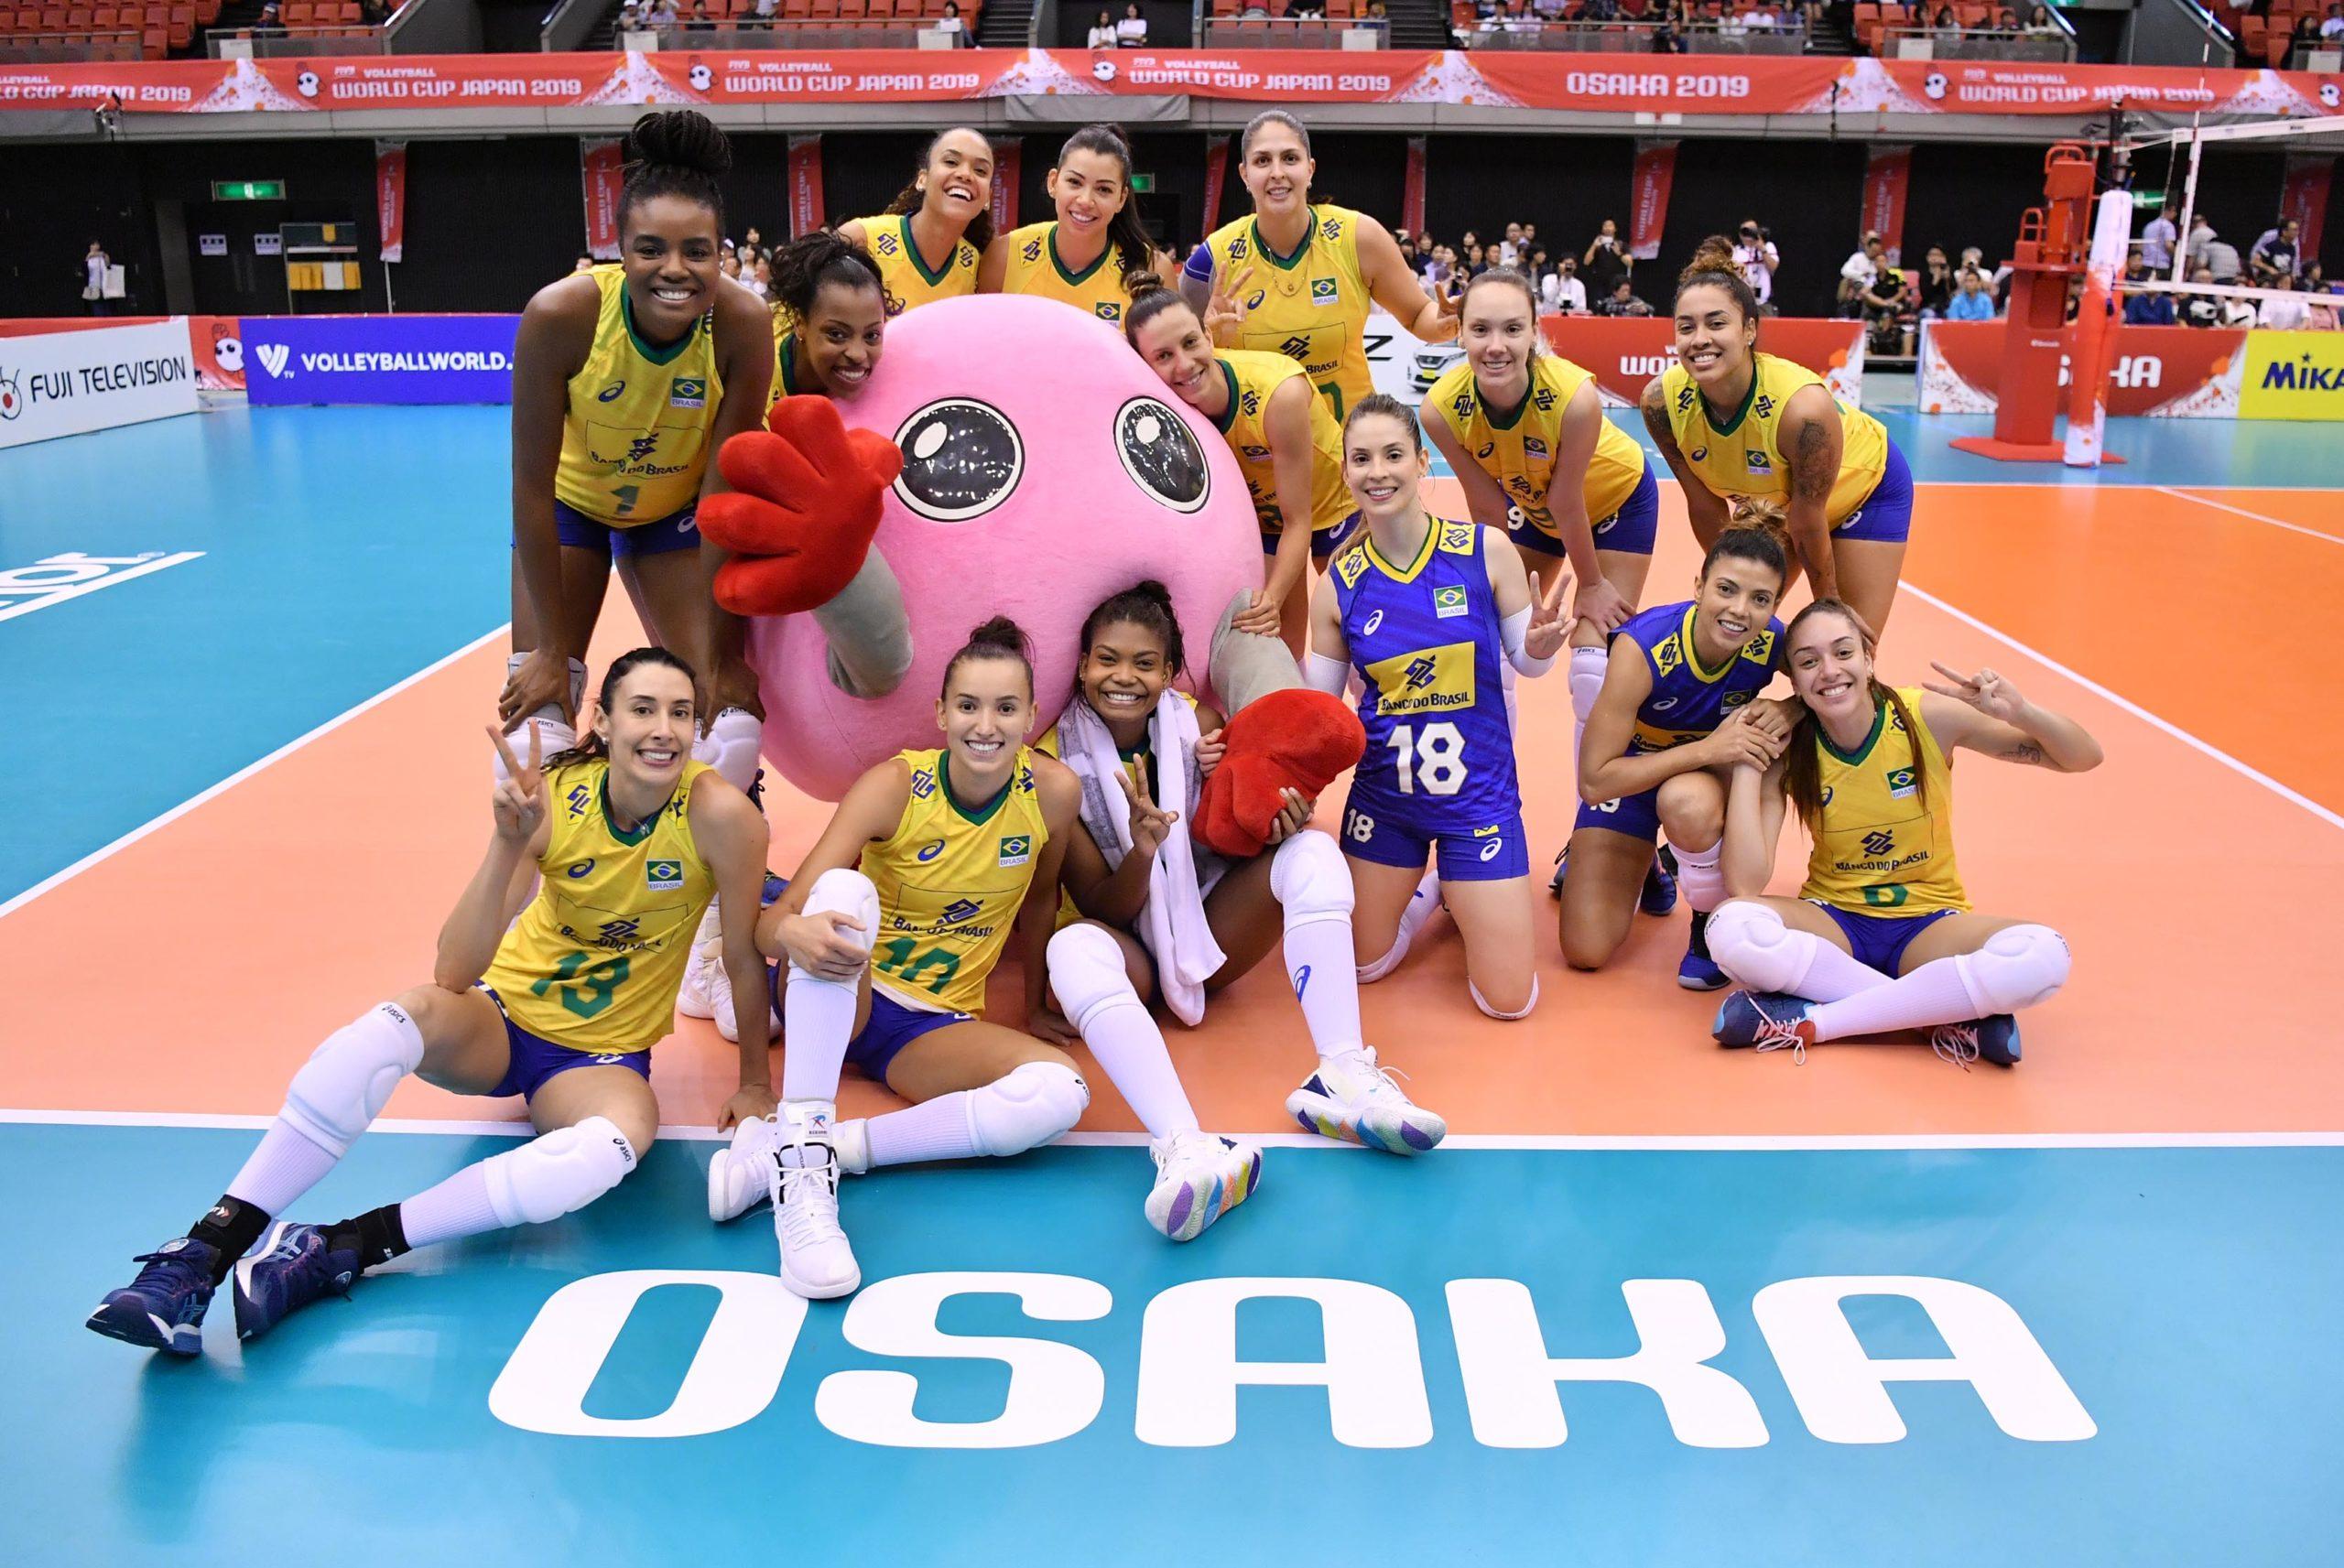 Brasil bate Camarões e garante o 4º lugar geral na Copa do Mundo de vôlei